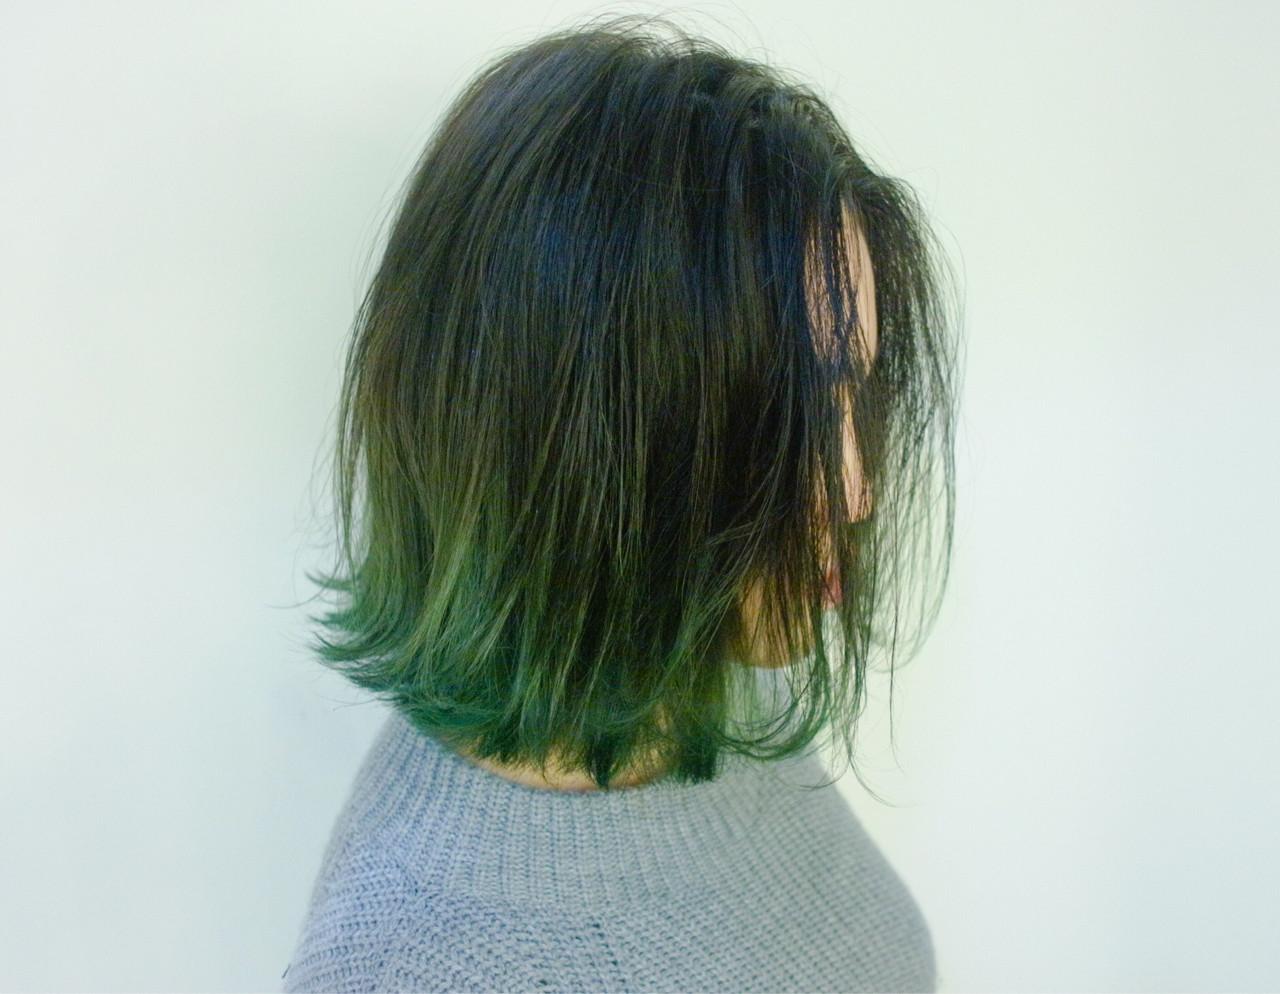 ボブ 外国人風 グラデーションカラー ストリート ヘアスタイルや髪型の写真・画像 | 宮地 SHACHU / SHACHU シャチュー